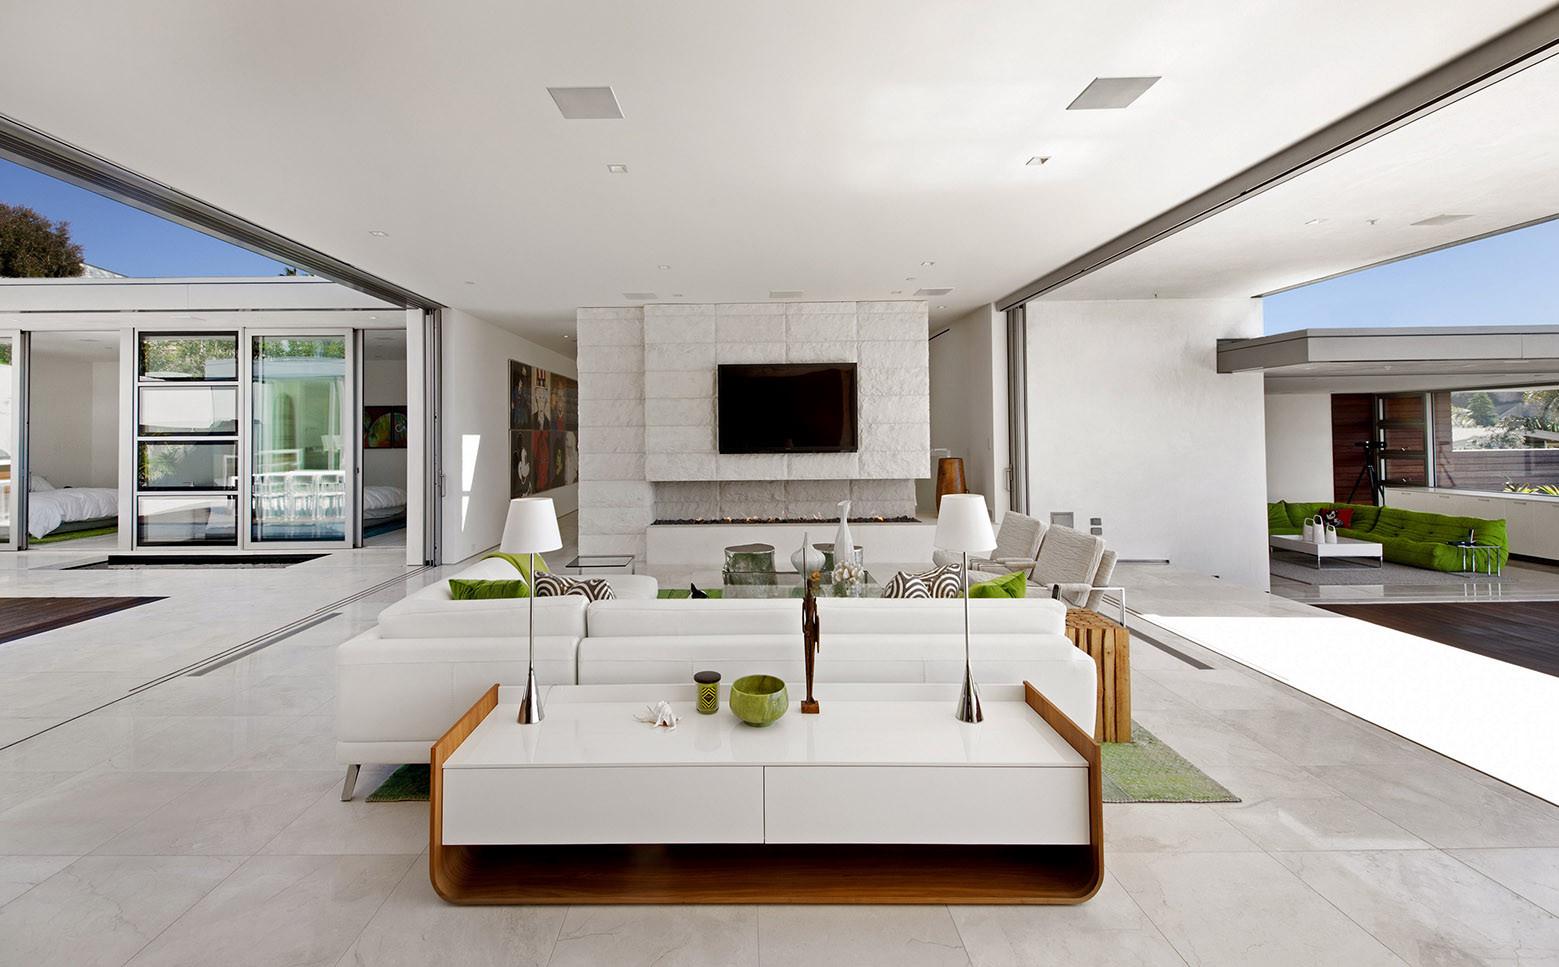 Mcelroy house ehrlich architects ehrlich yanai rhee - Limposante residence contemporaine de ehrlich architects ...